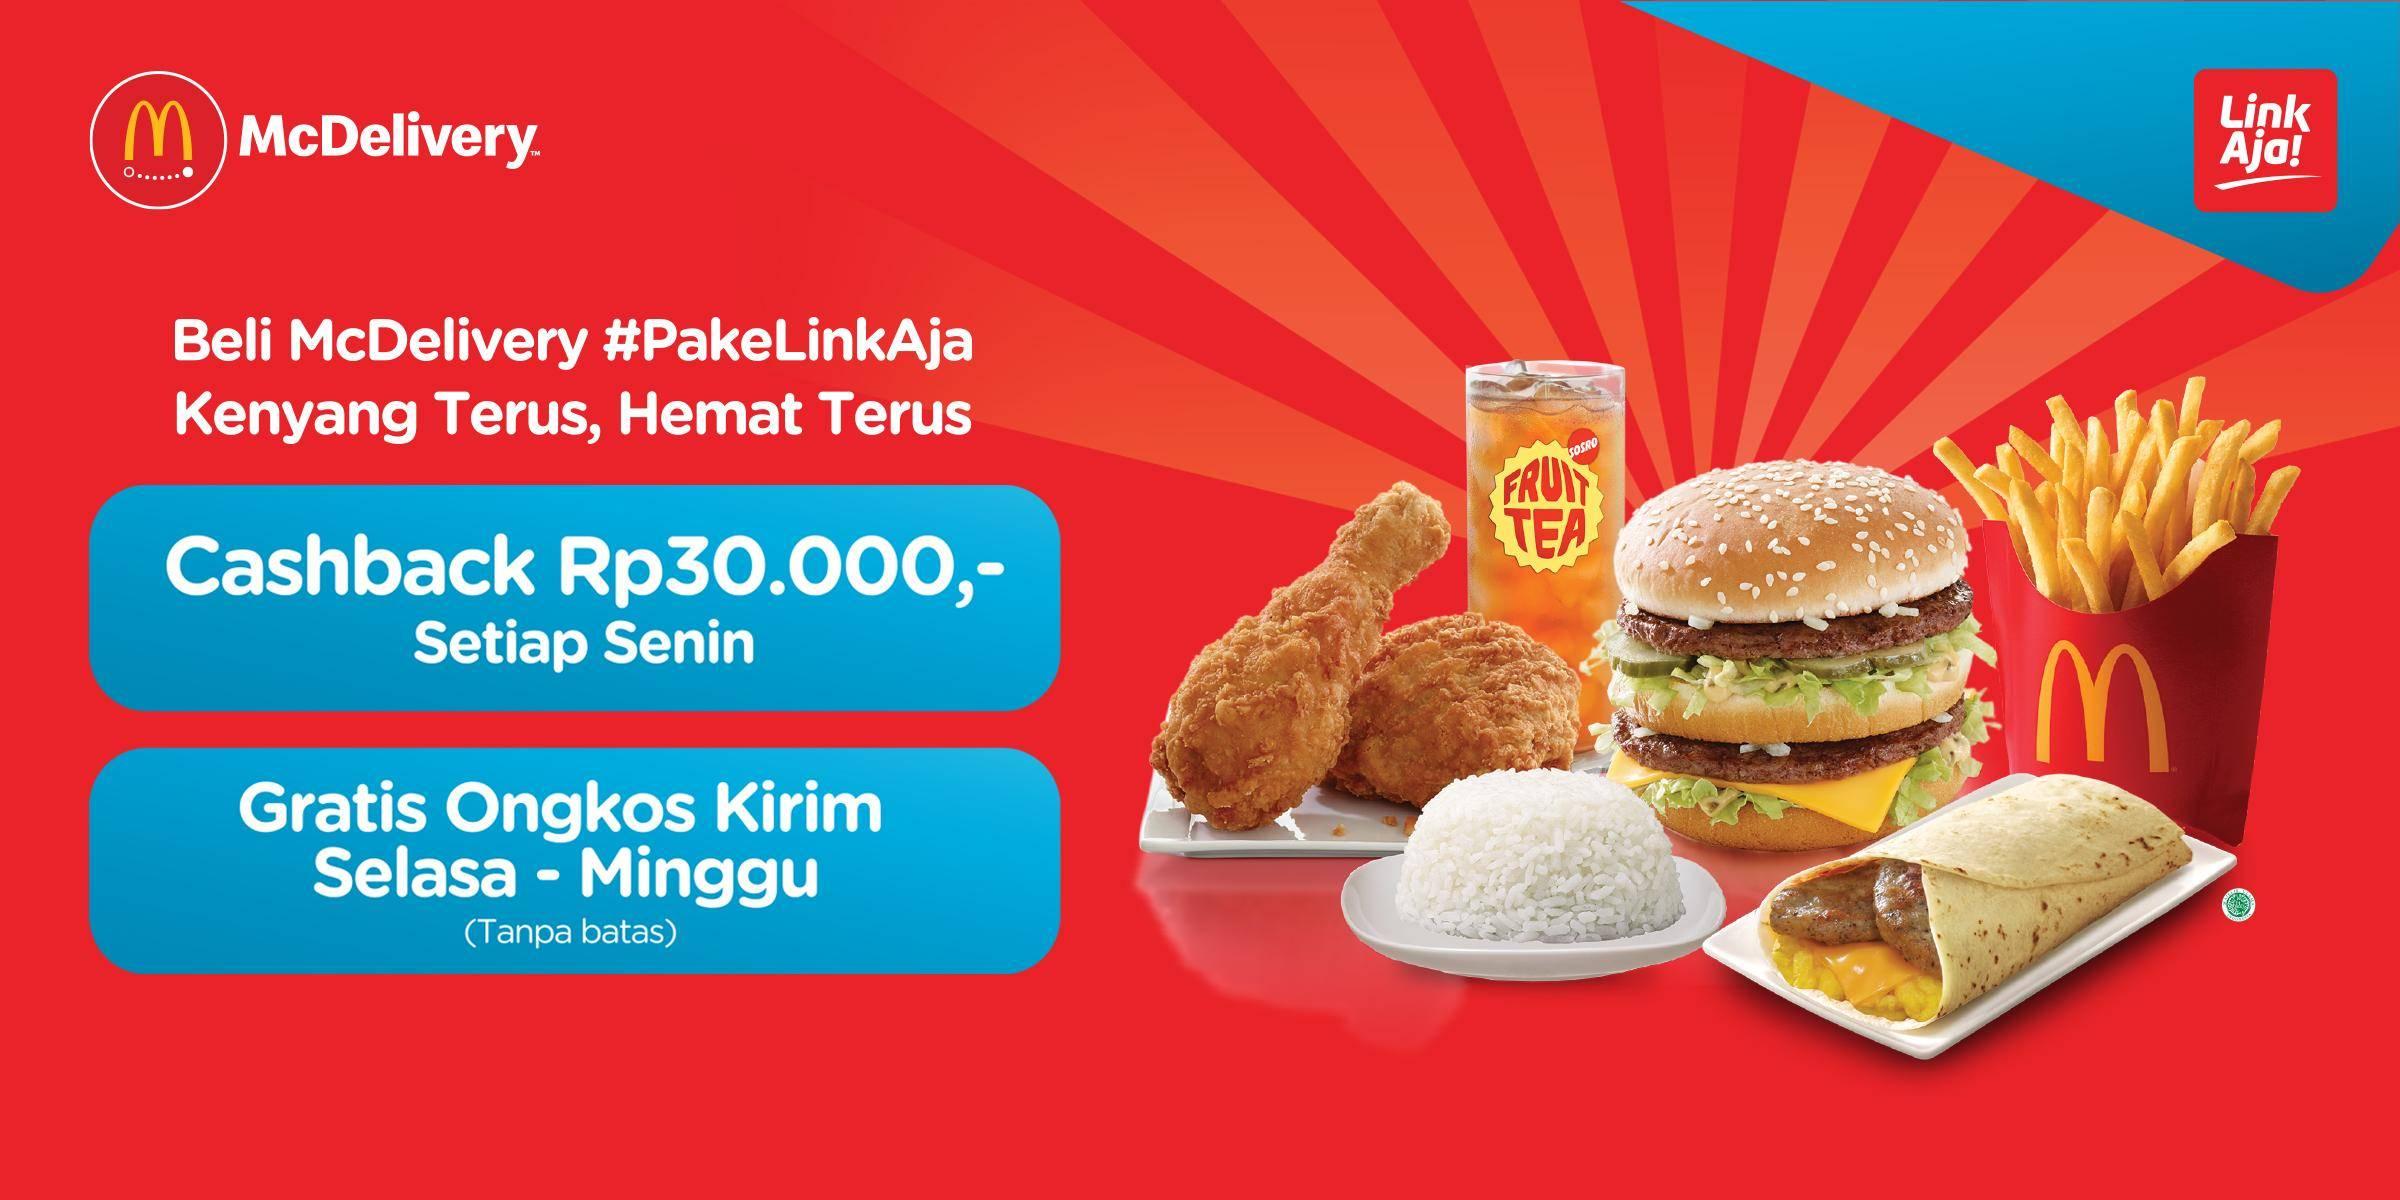 McDonalds Promo Cashback Rp. 30.000 Dengan Transaksi Menggunakan Link Aja App